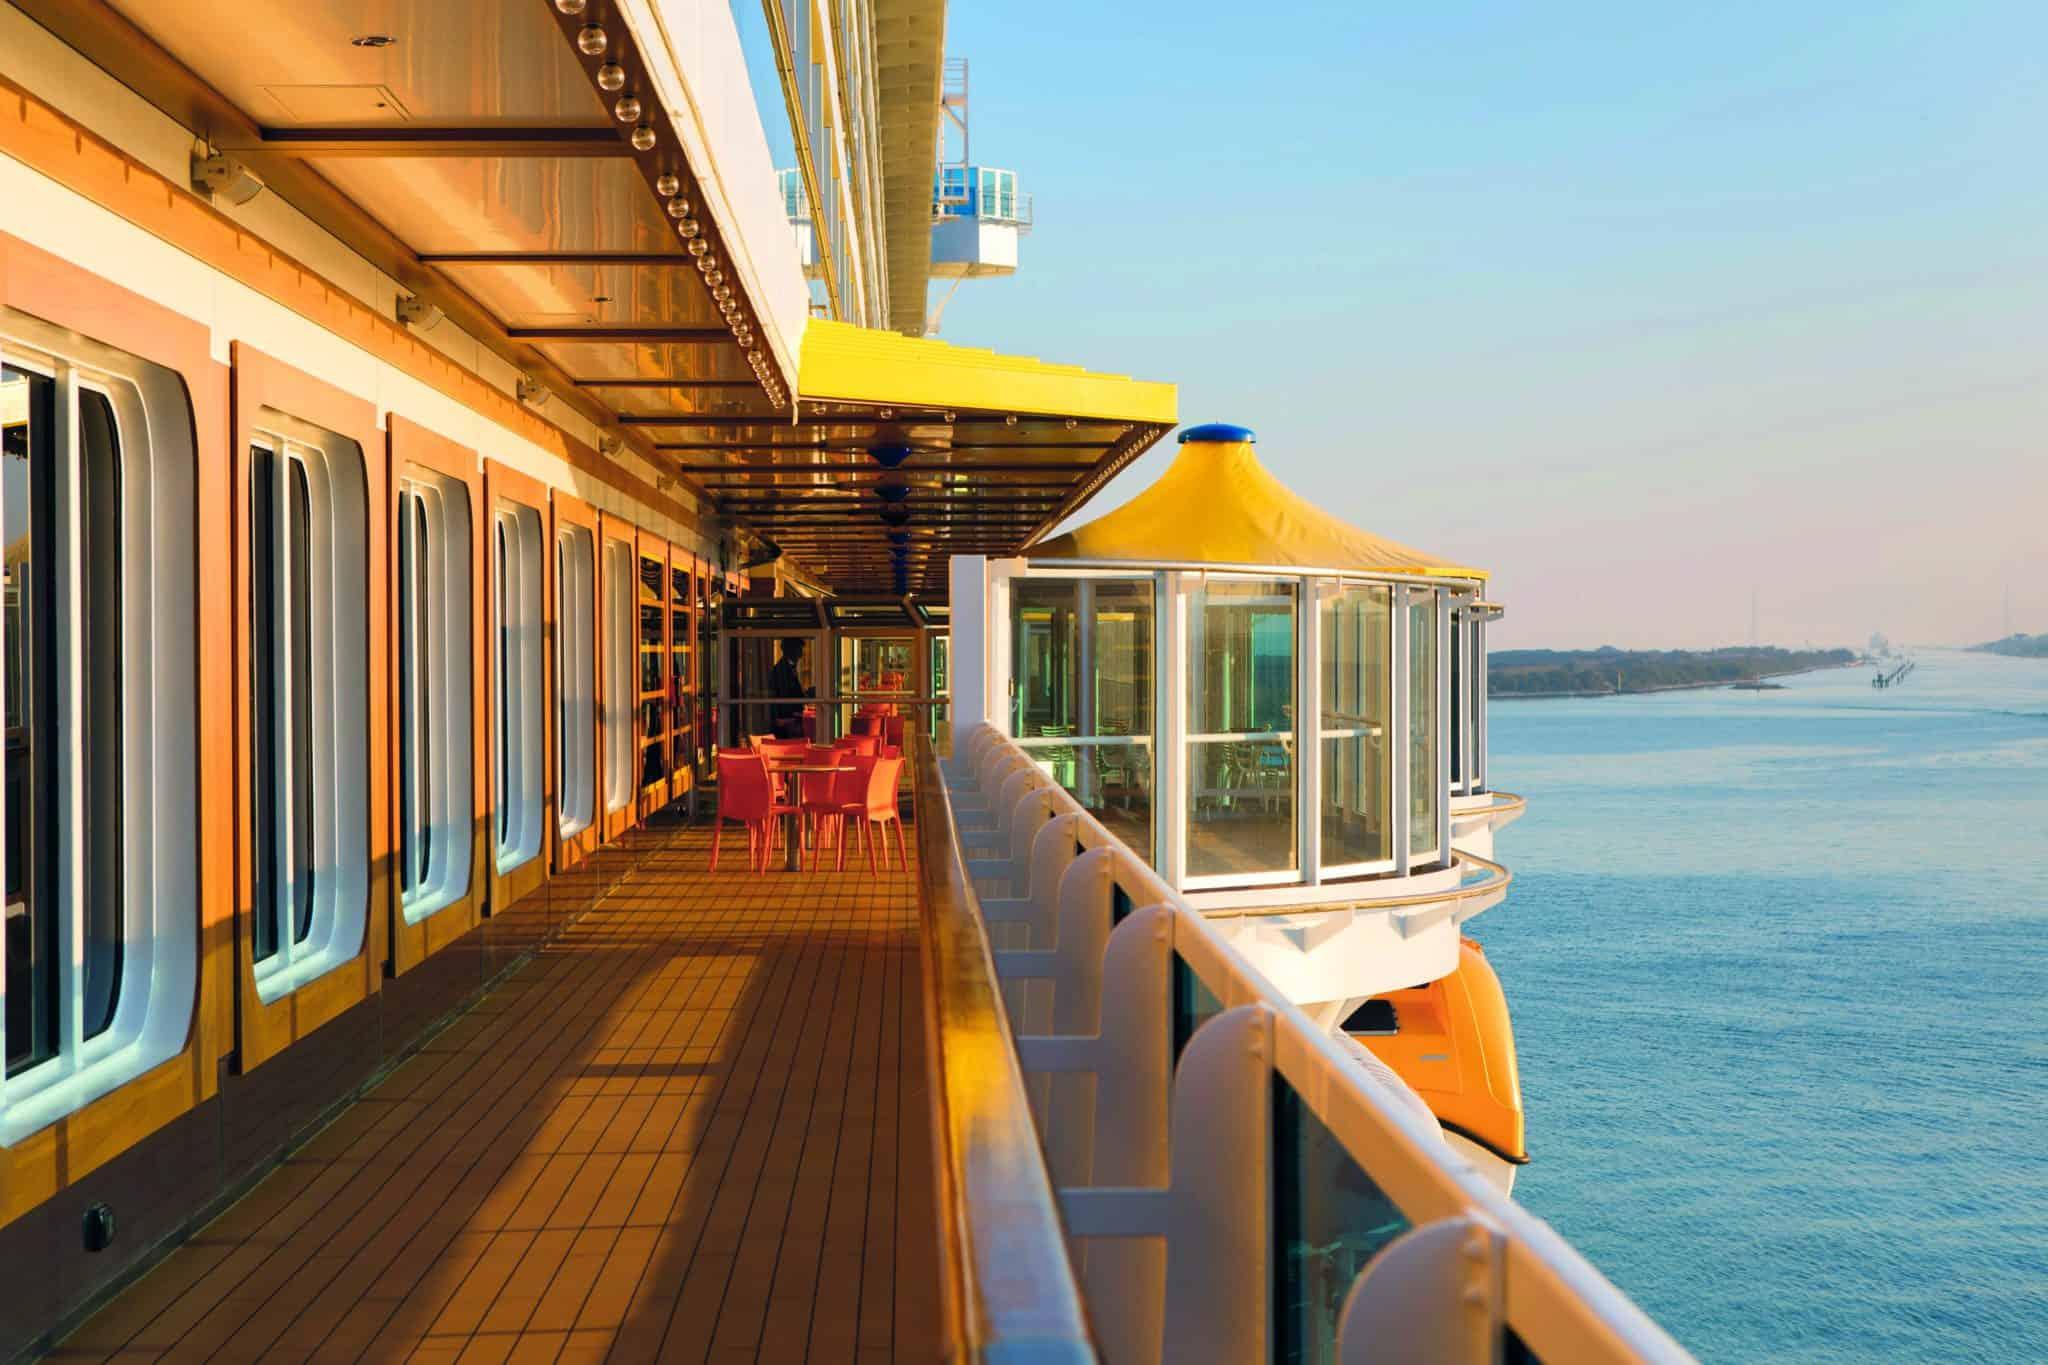 Costa cruises outside ship